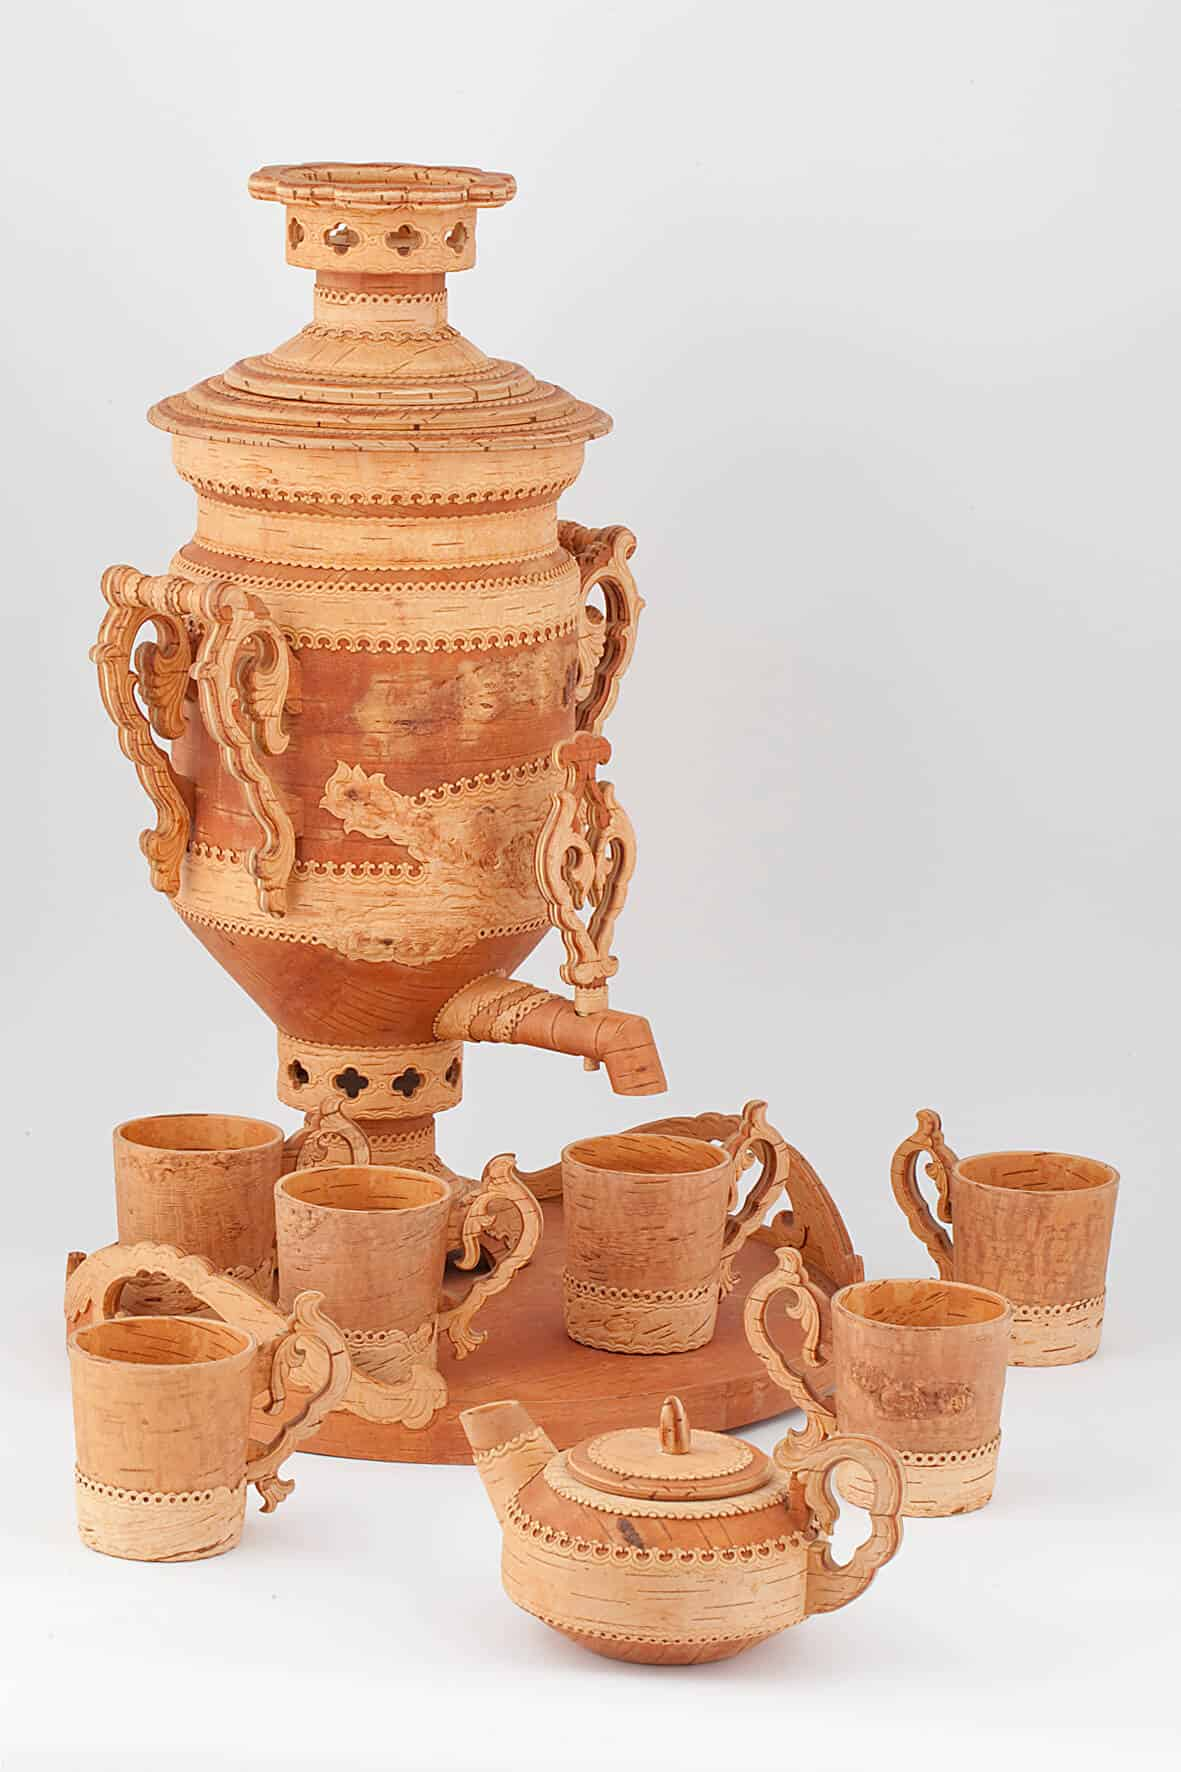 КБ 498-506 | Самовар декоративный берестяной с сервизом | Музей самоваров и бульоток